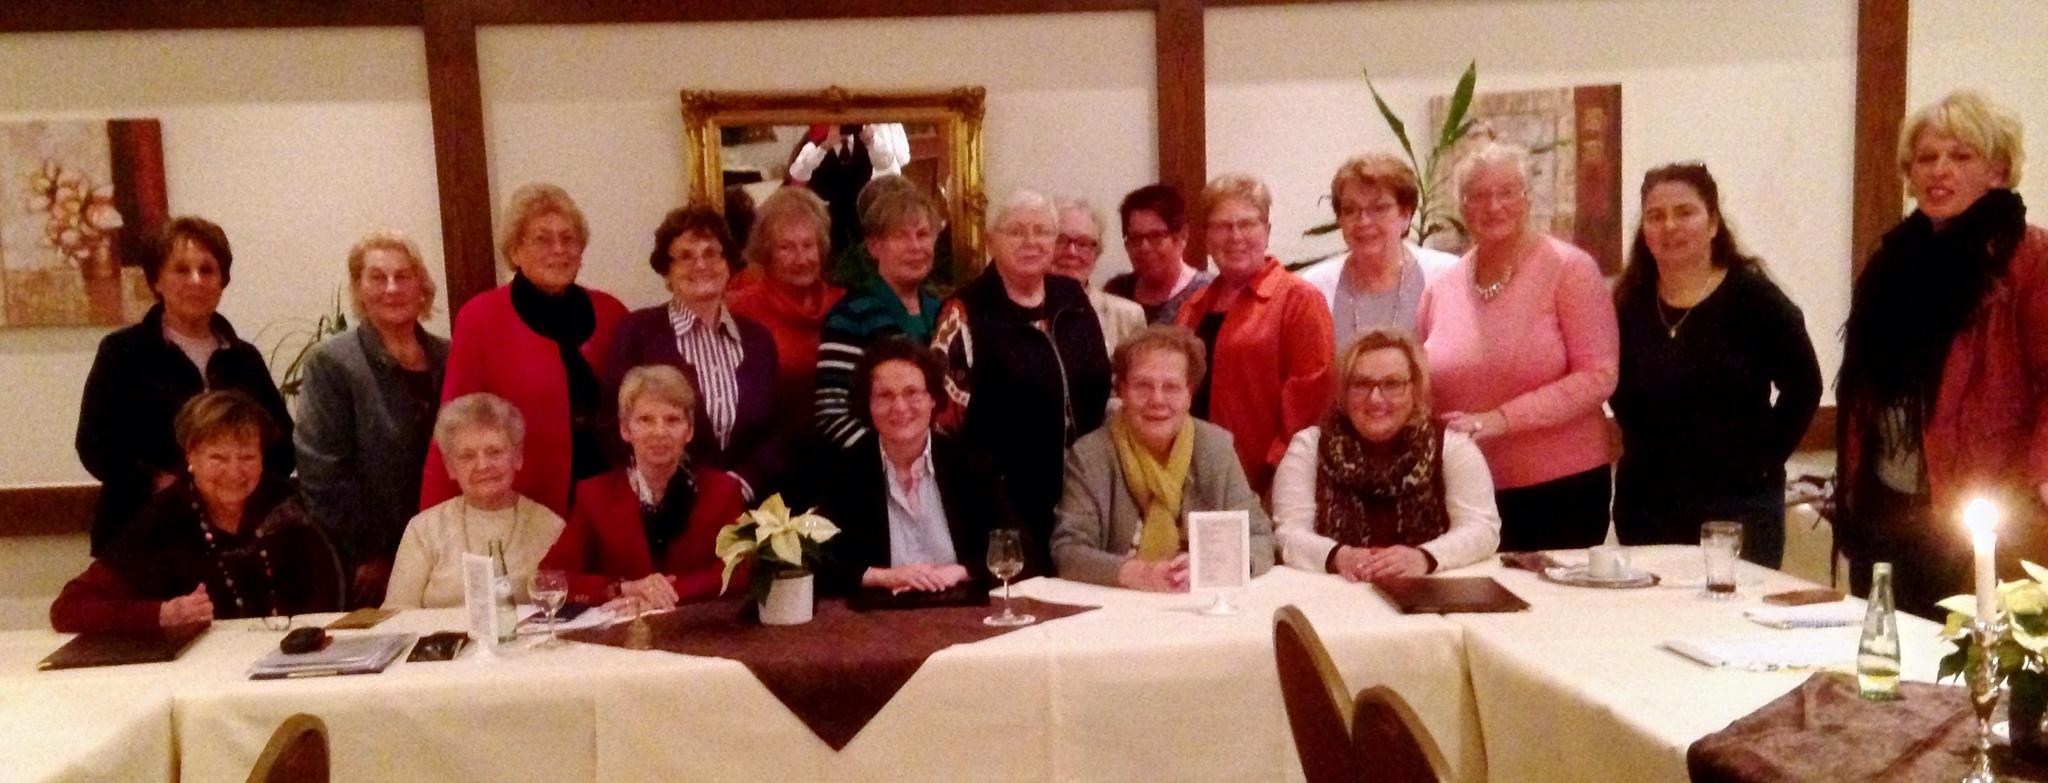 Ein Thema des Treffens der Frauen UInion mit Scharrenbacgh waren die Übergriffe auf Frauen in der Suilvesternacht in verschiedenen Städten. (Foto: ptrivat)